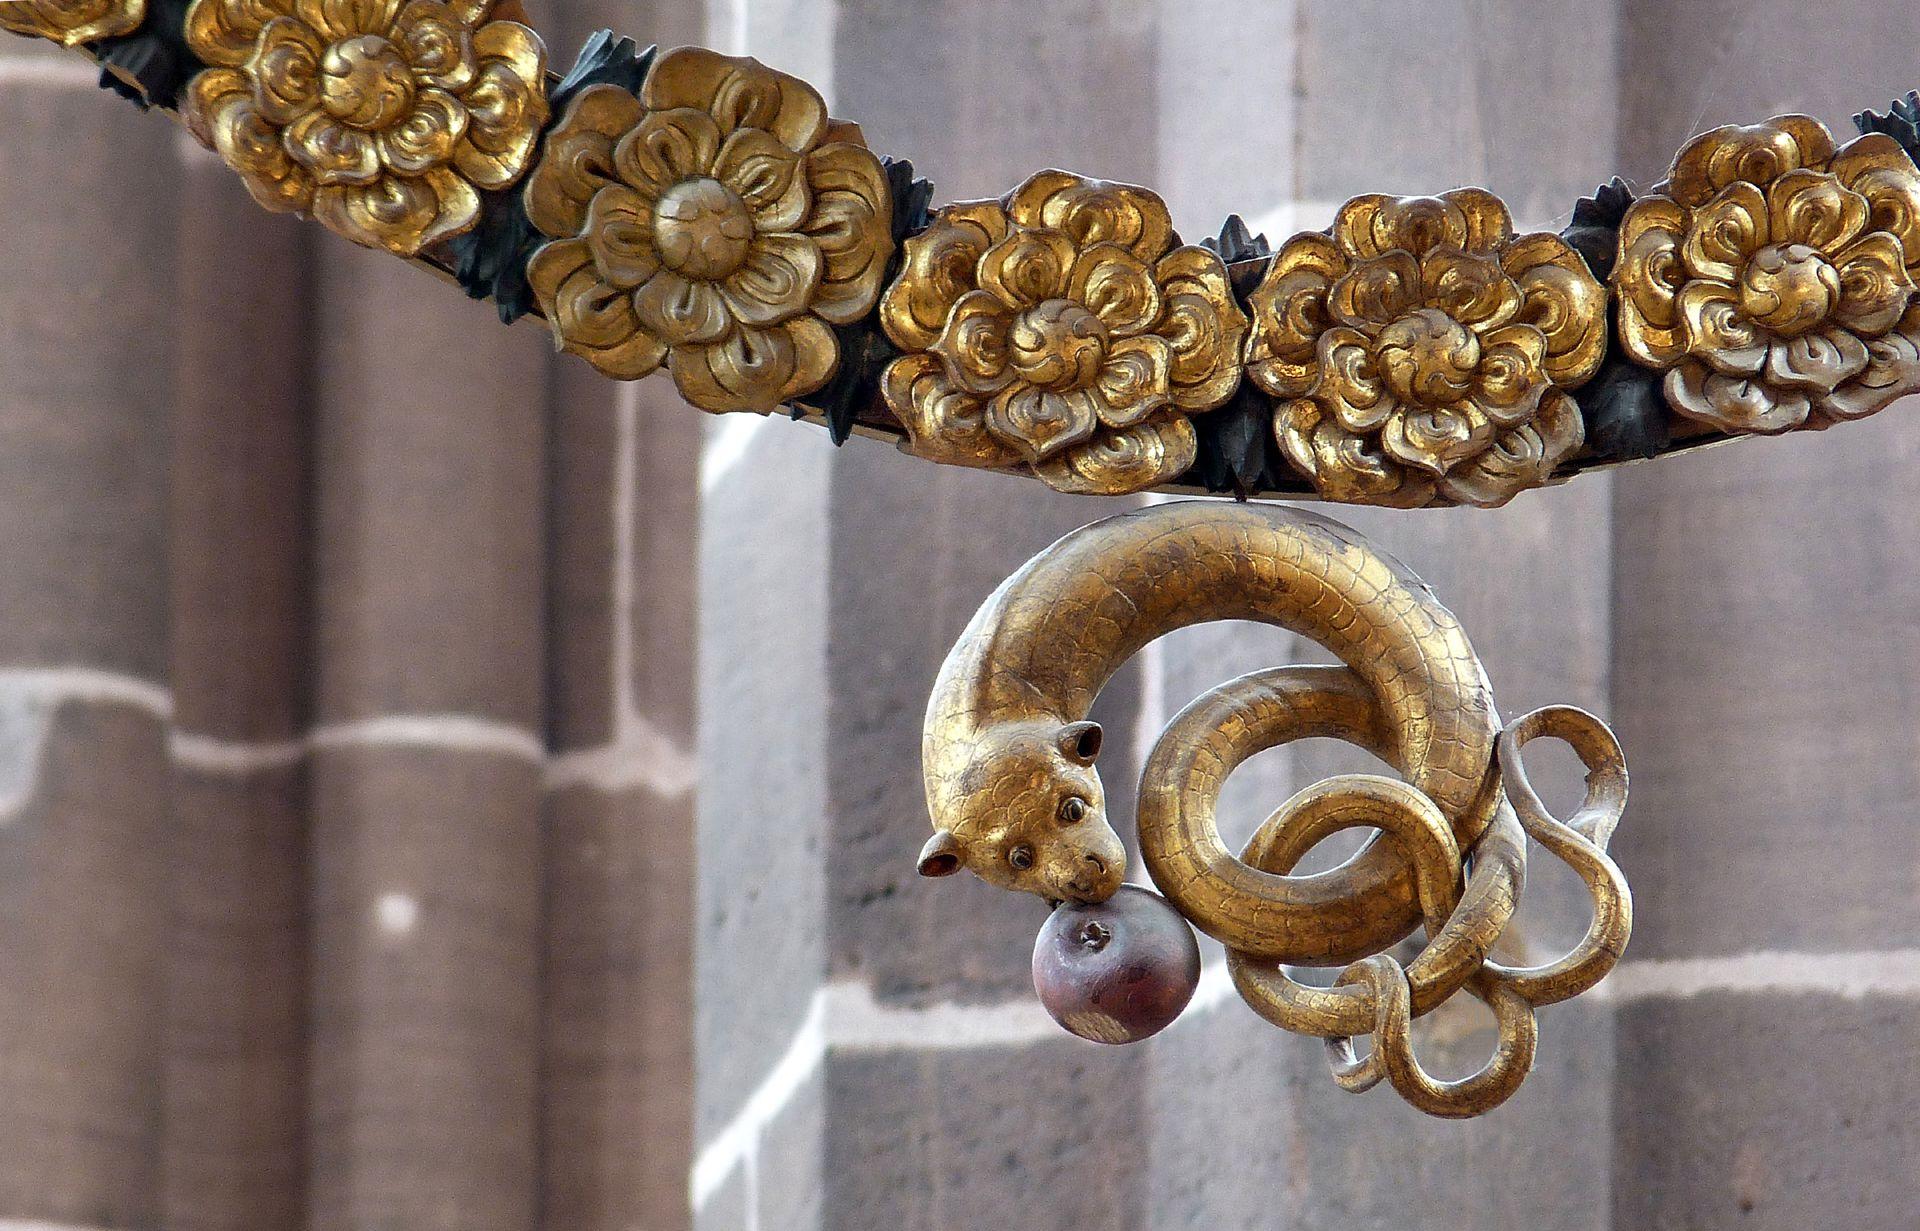 Englischer Gruß Rosenkranzdetail (Teufelsschlange)